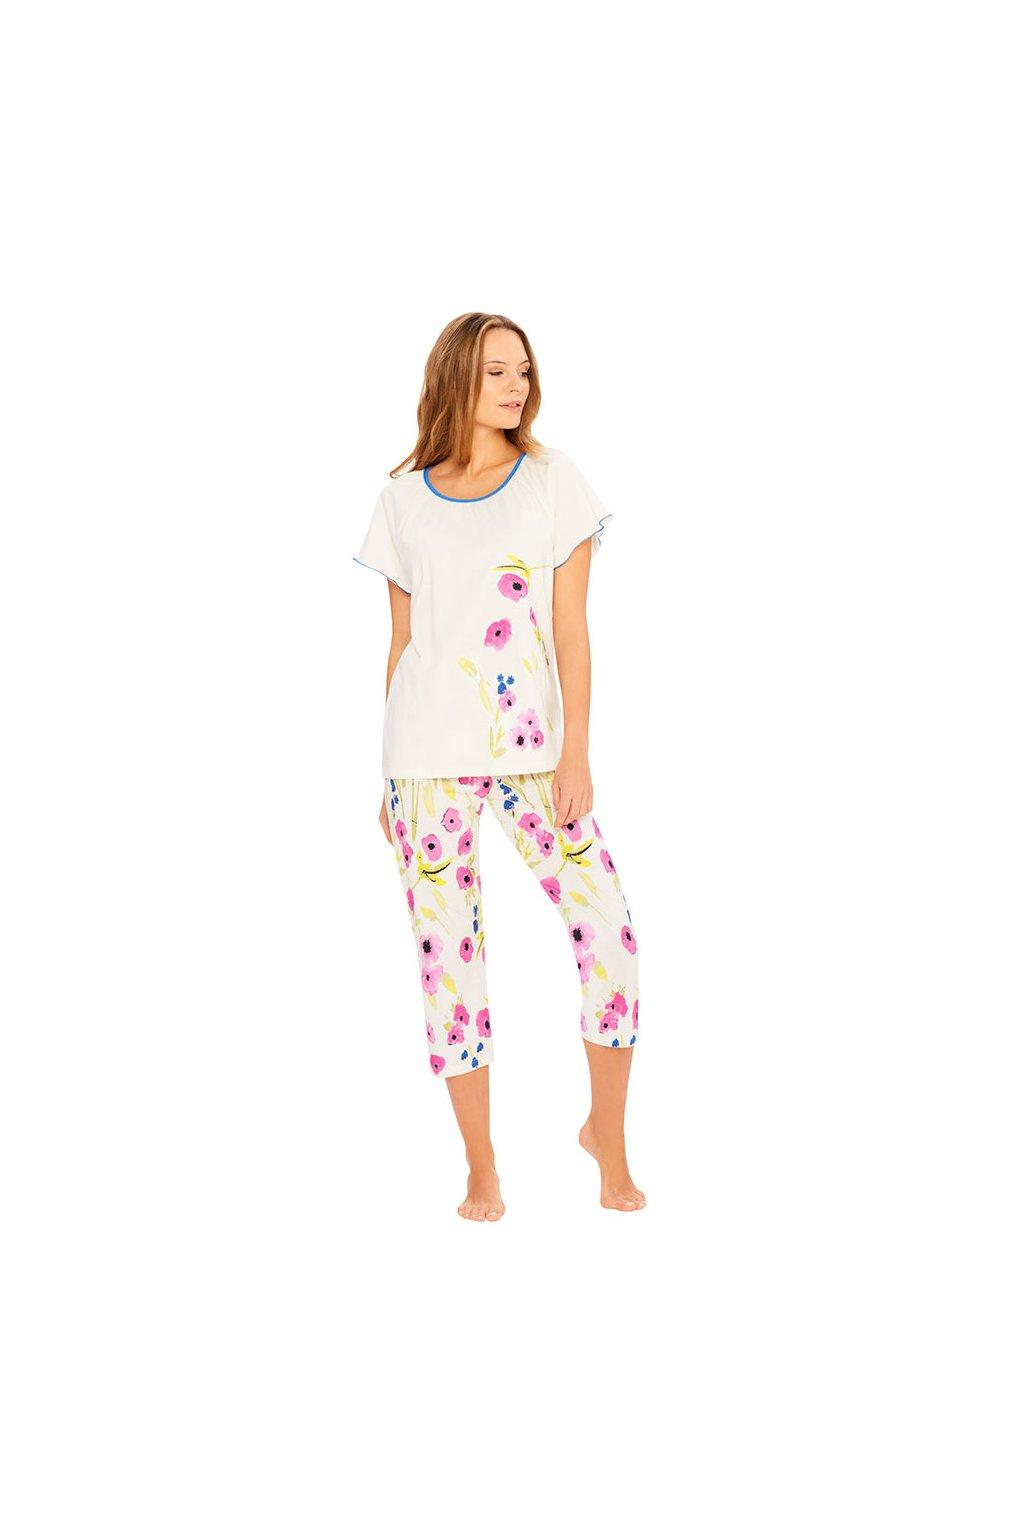 Dámské pyžamo s krátkým rukávem a 3/4 nohavicemi, 104399 130, smetanová